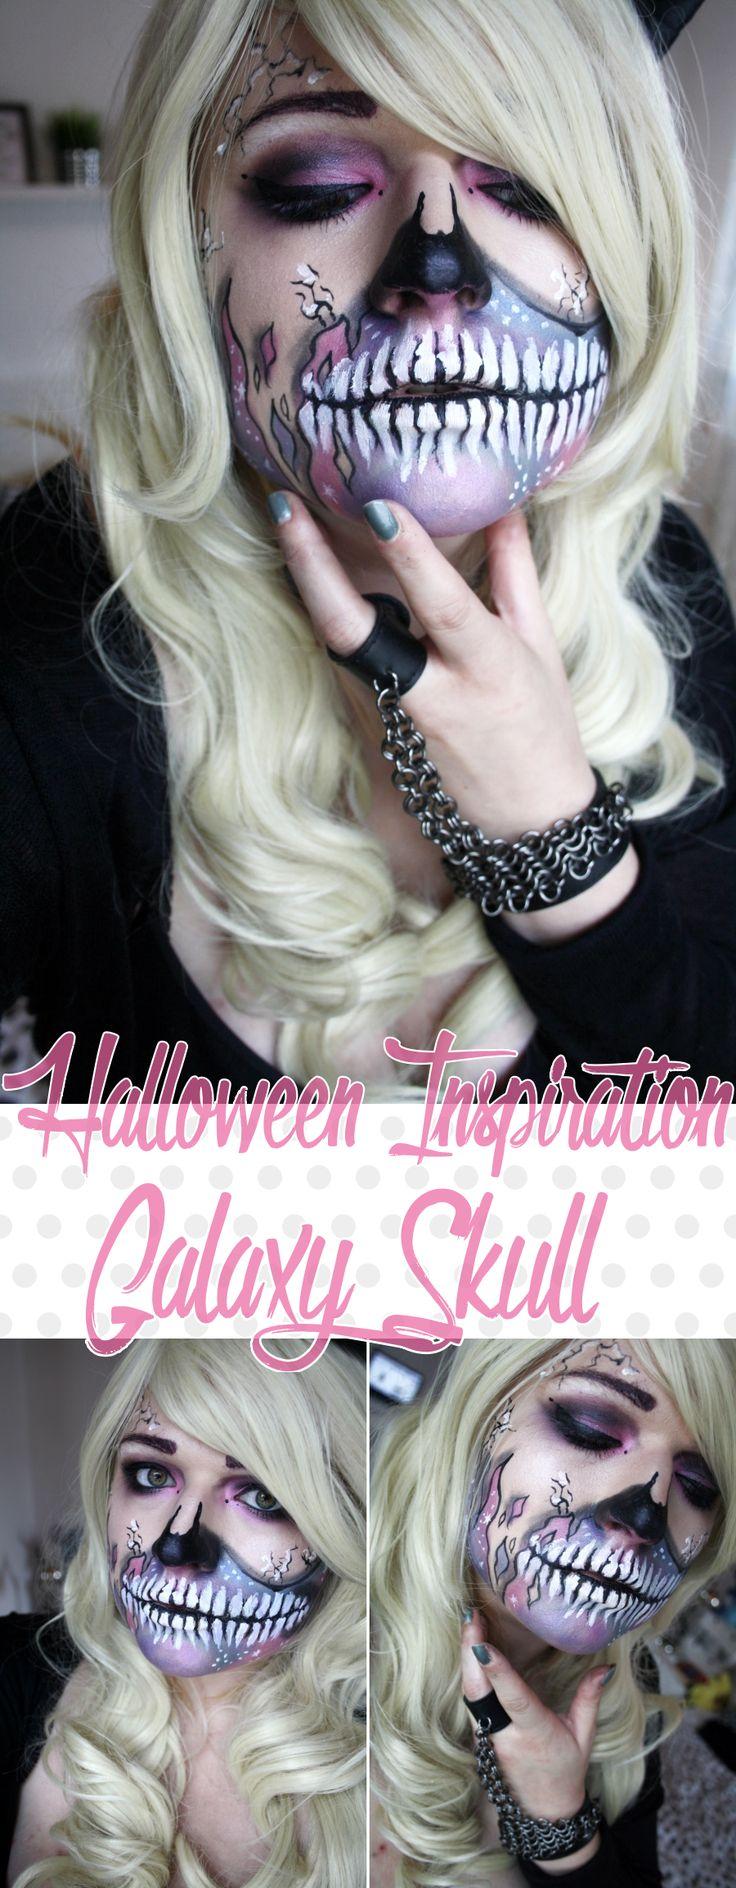 Halloween Inspiration - Galaxy Skull  Eine Anleitung für alle die an Halloween oder Karneval Lust auf ein Skelett Make Up haben, dass sich von den anderen abhebt